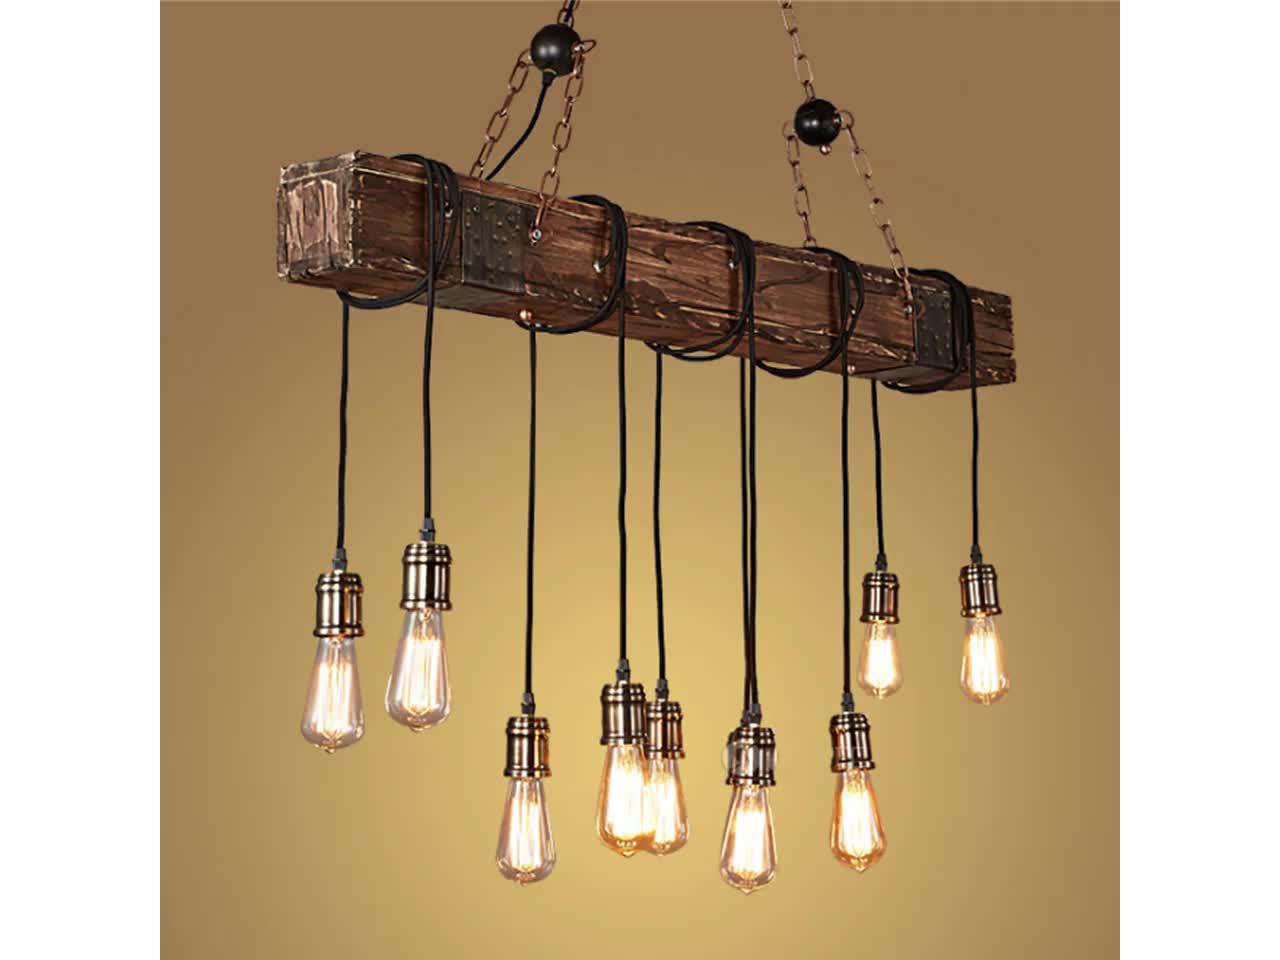 Industriële Natuurlijke Kroonluchters Hanglampen Moderne Luxe Natuurlijke Hout Verlichting Met Hennep Touw